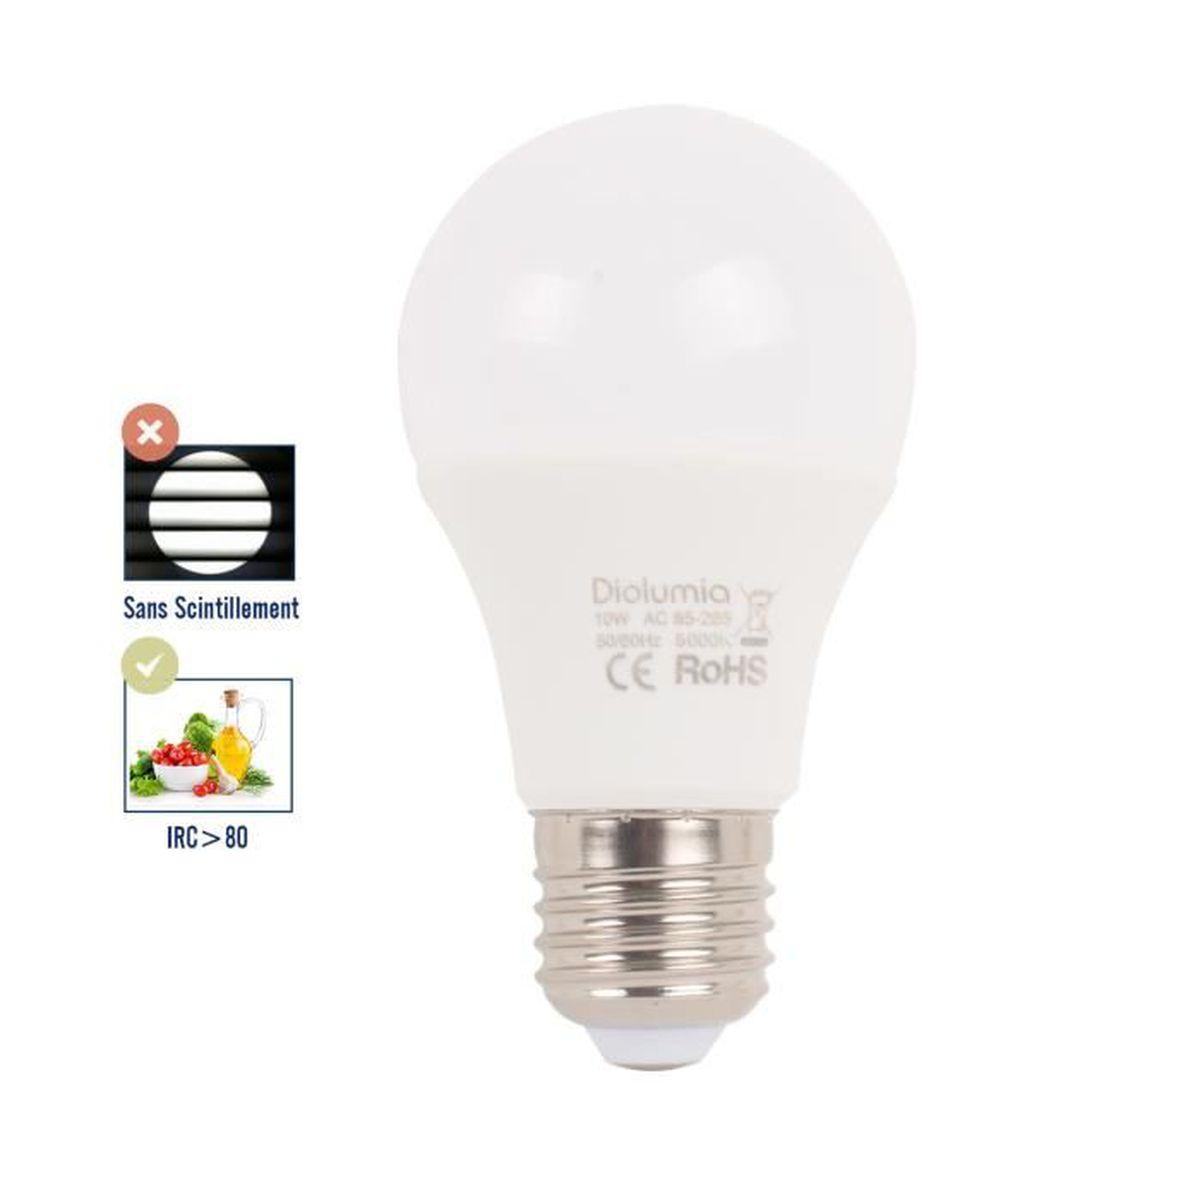 Mes Ampoules Led Scintillent ampoule led e27 10w - 5000k blanc lumière du jour - equivalent 80w - 900lm  [classe énergétique a+]